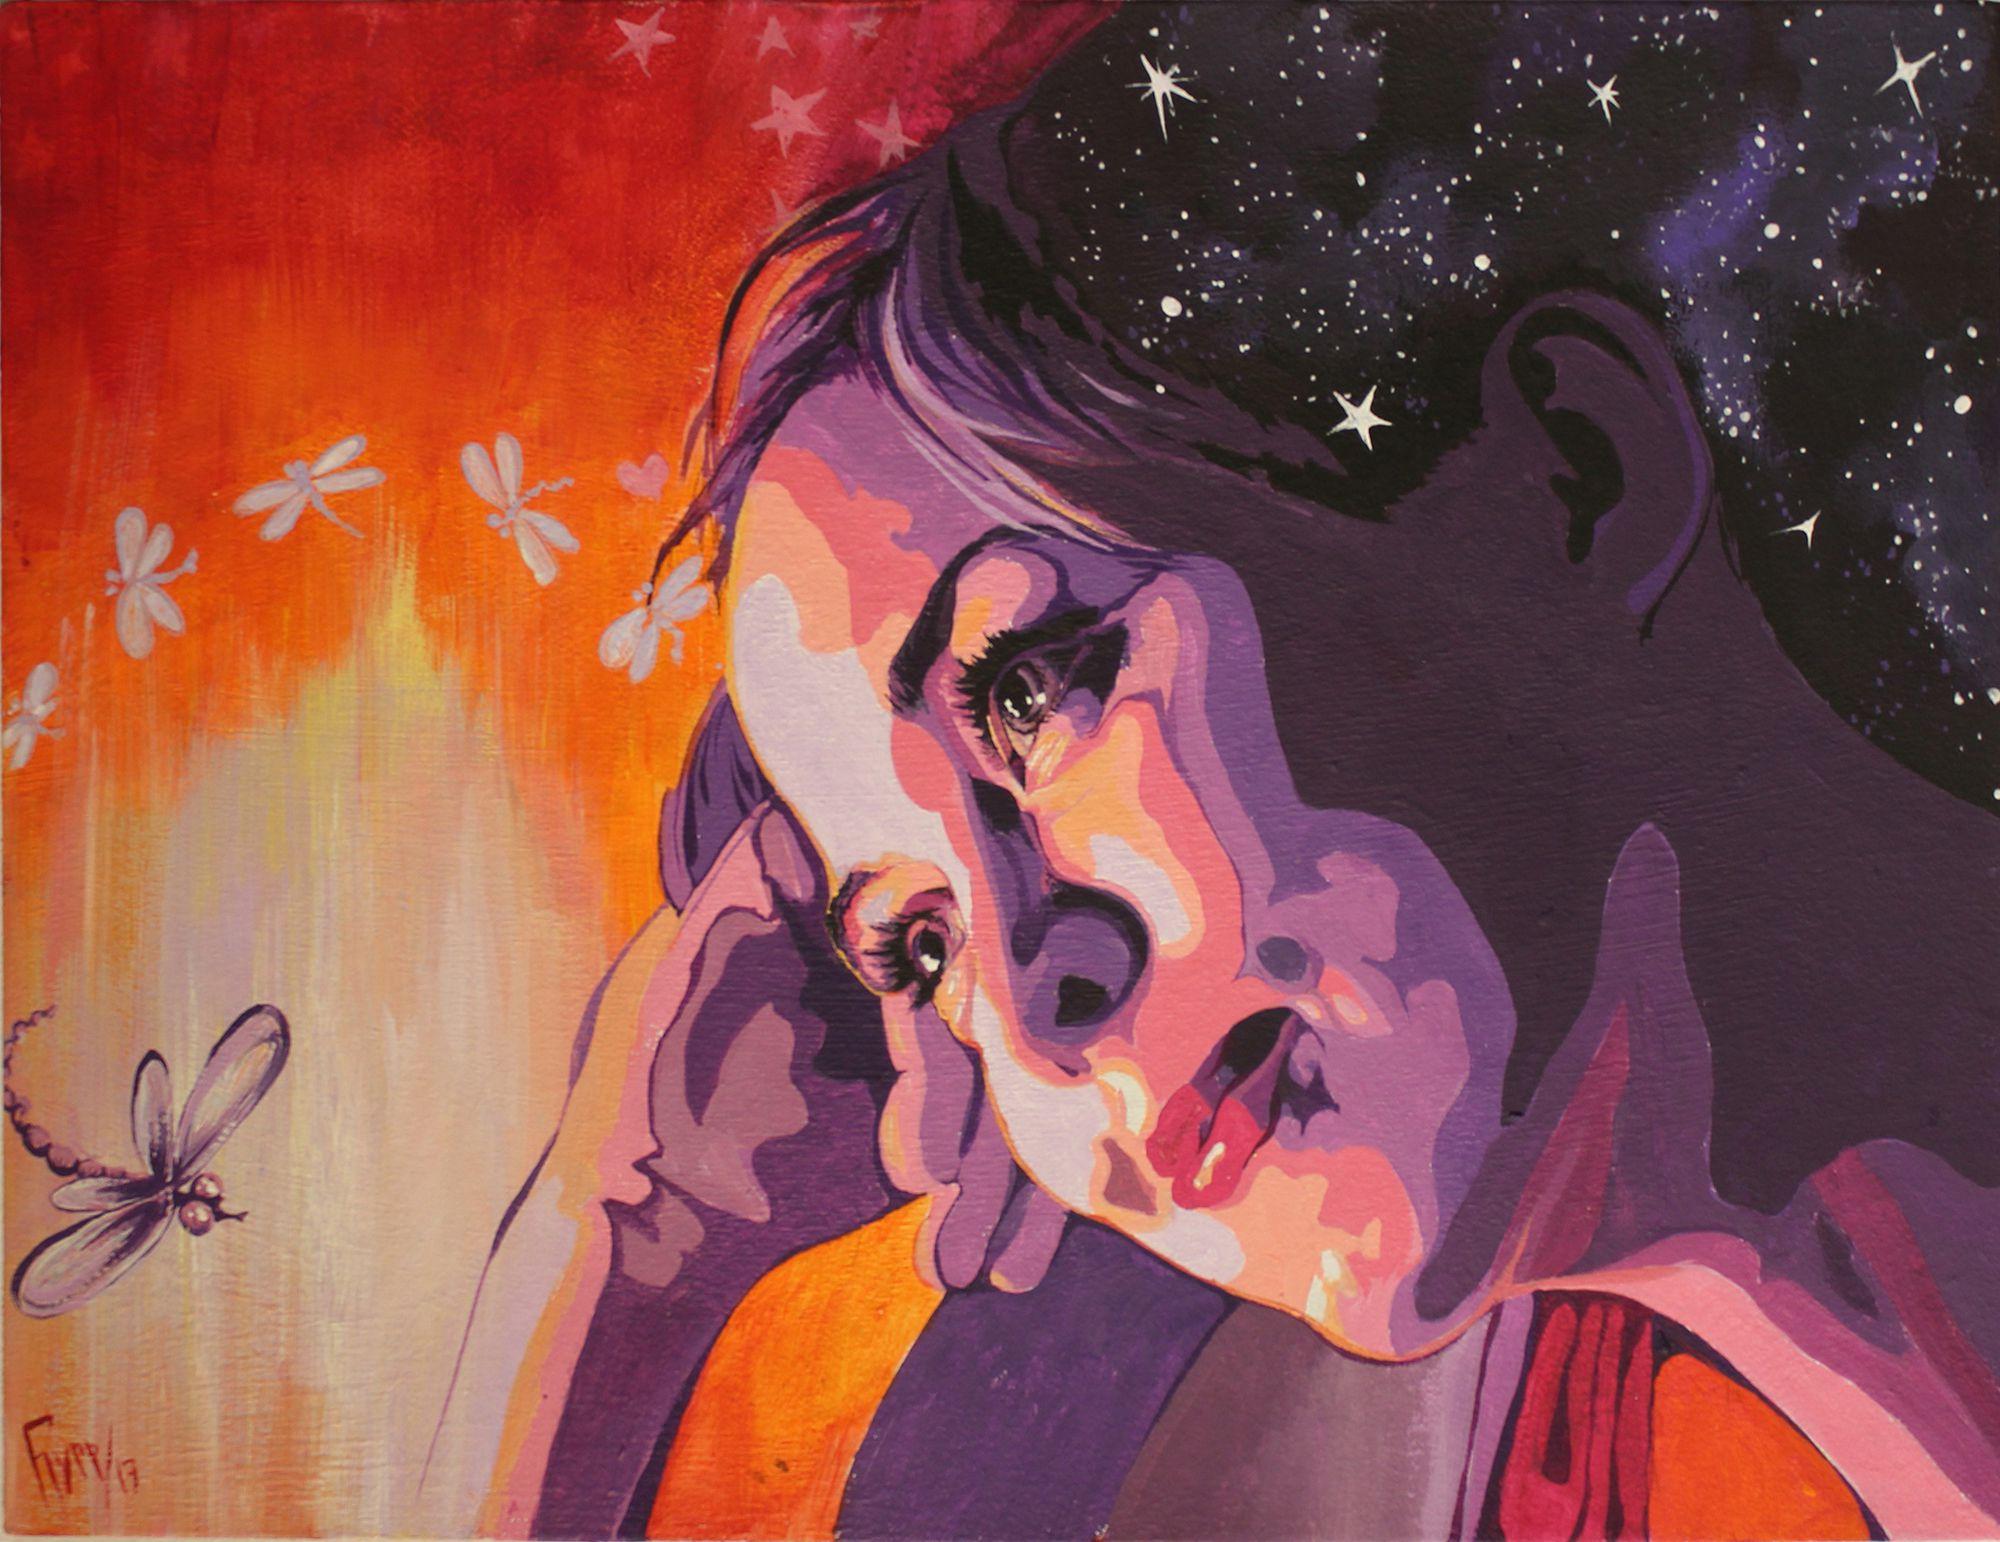 портрет подарок космос сказка на заказ люди девушка